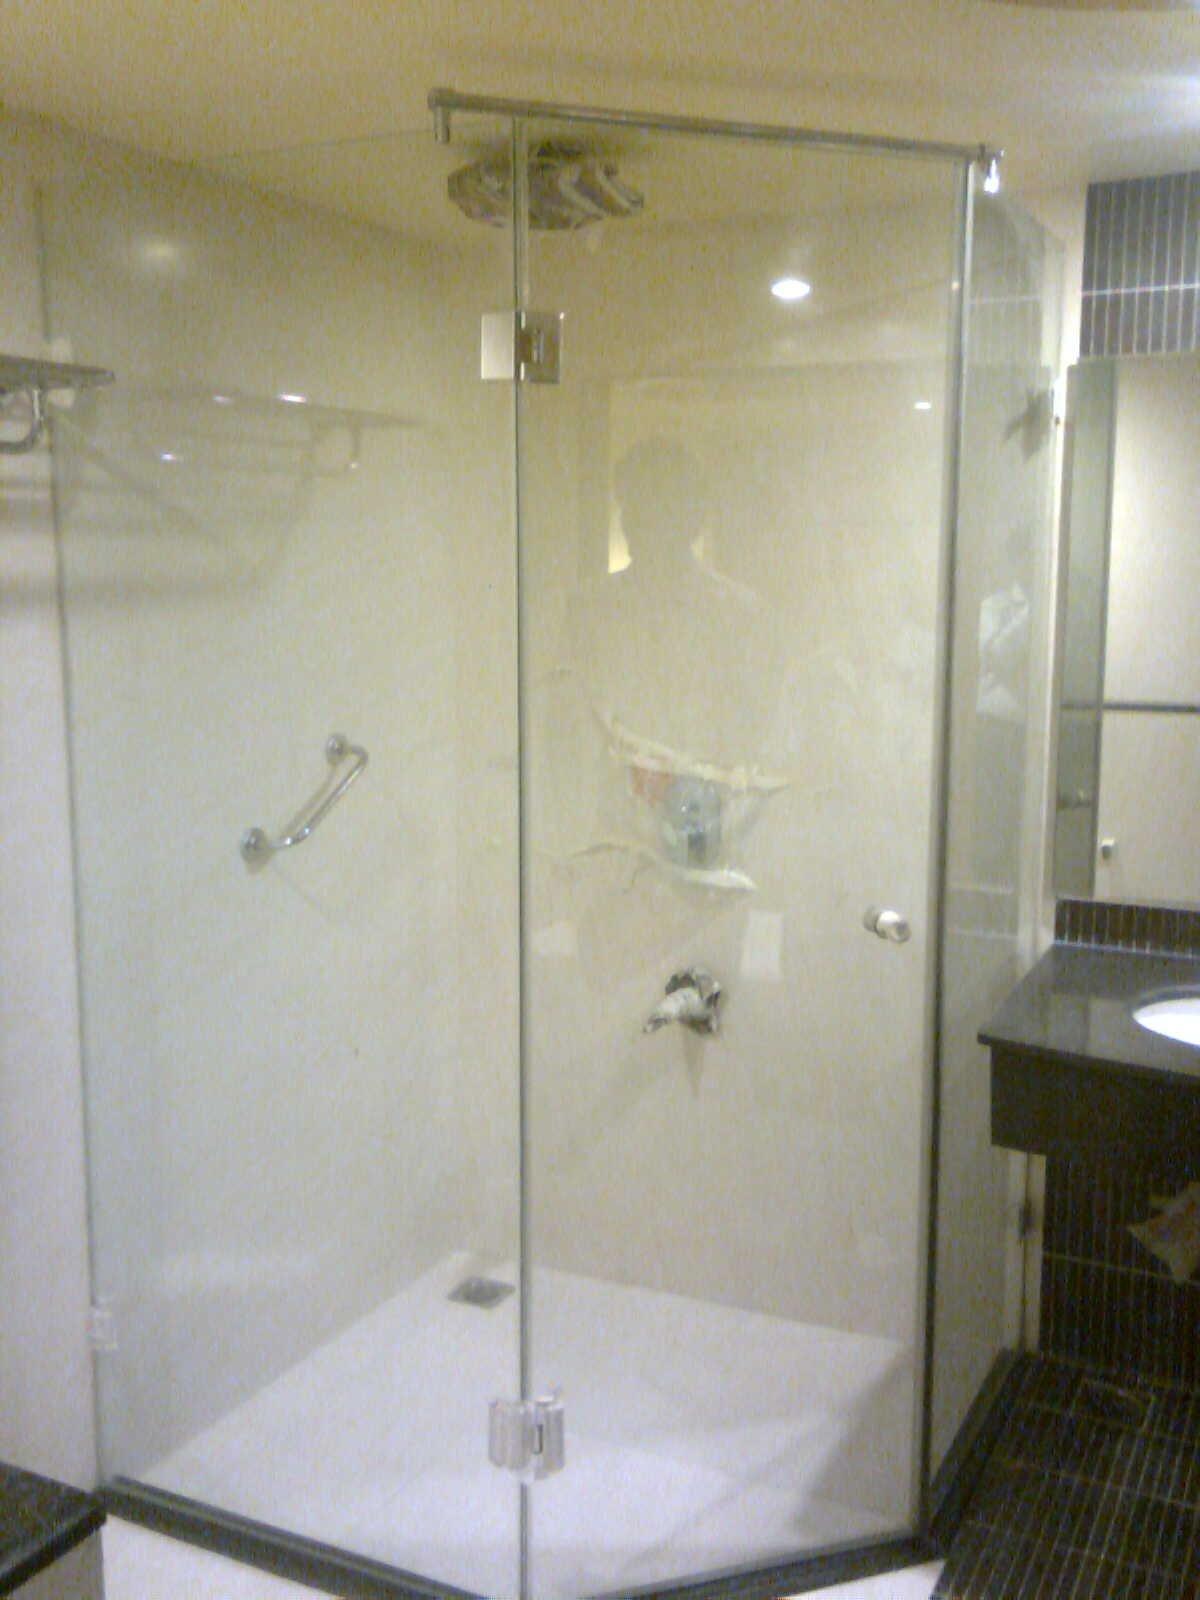 Toughened Glass Dealars & Frameless Shower Patch Fitting - Buy Shower  Cubical Toughened Glass Dealars & Frameless Shower Cubical & Patch Fittings